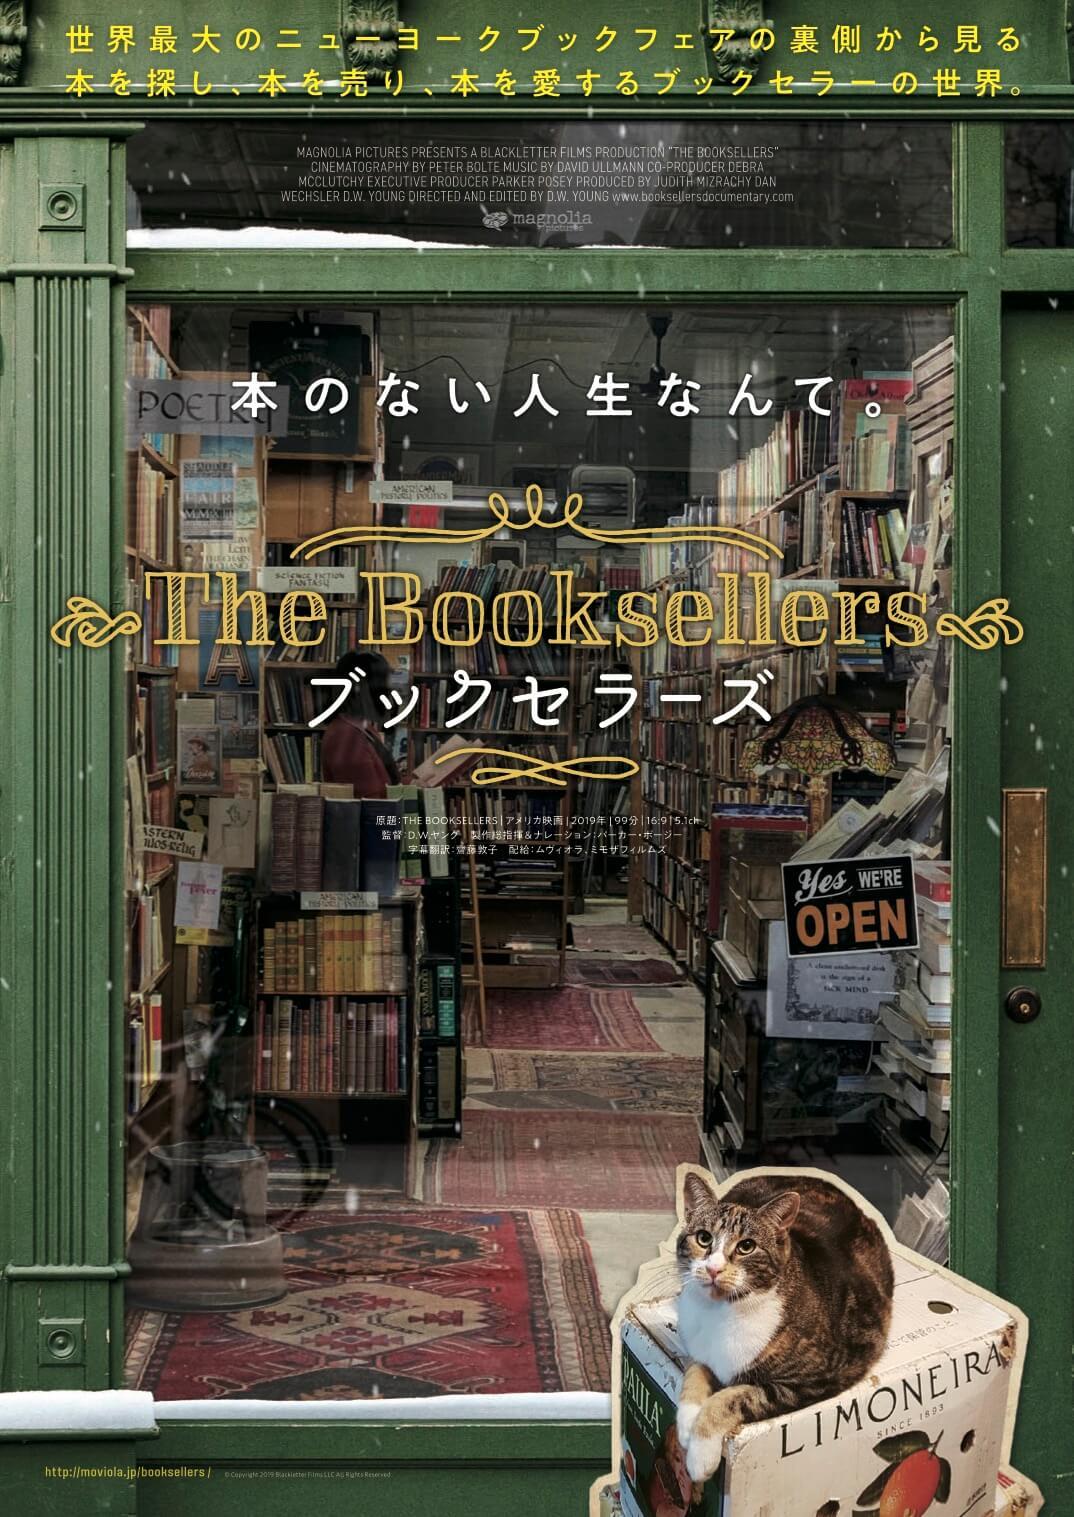 猫も登場するドキュメンタリー映画『ブックセラーズ』のポスター